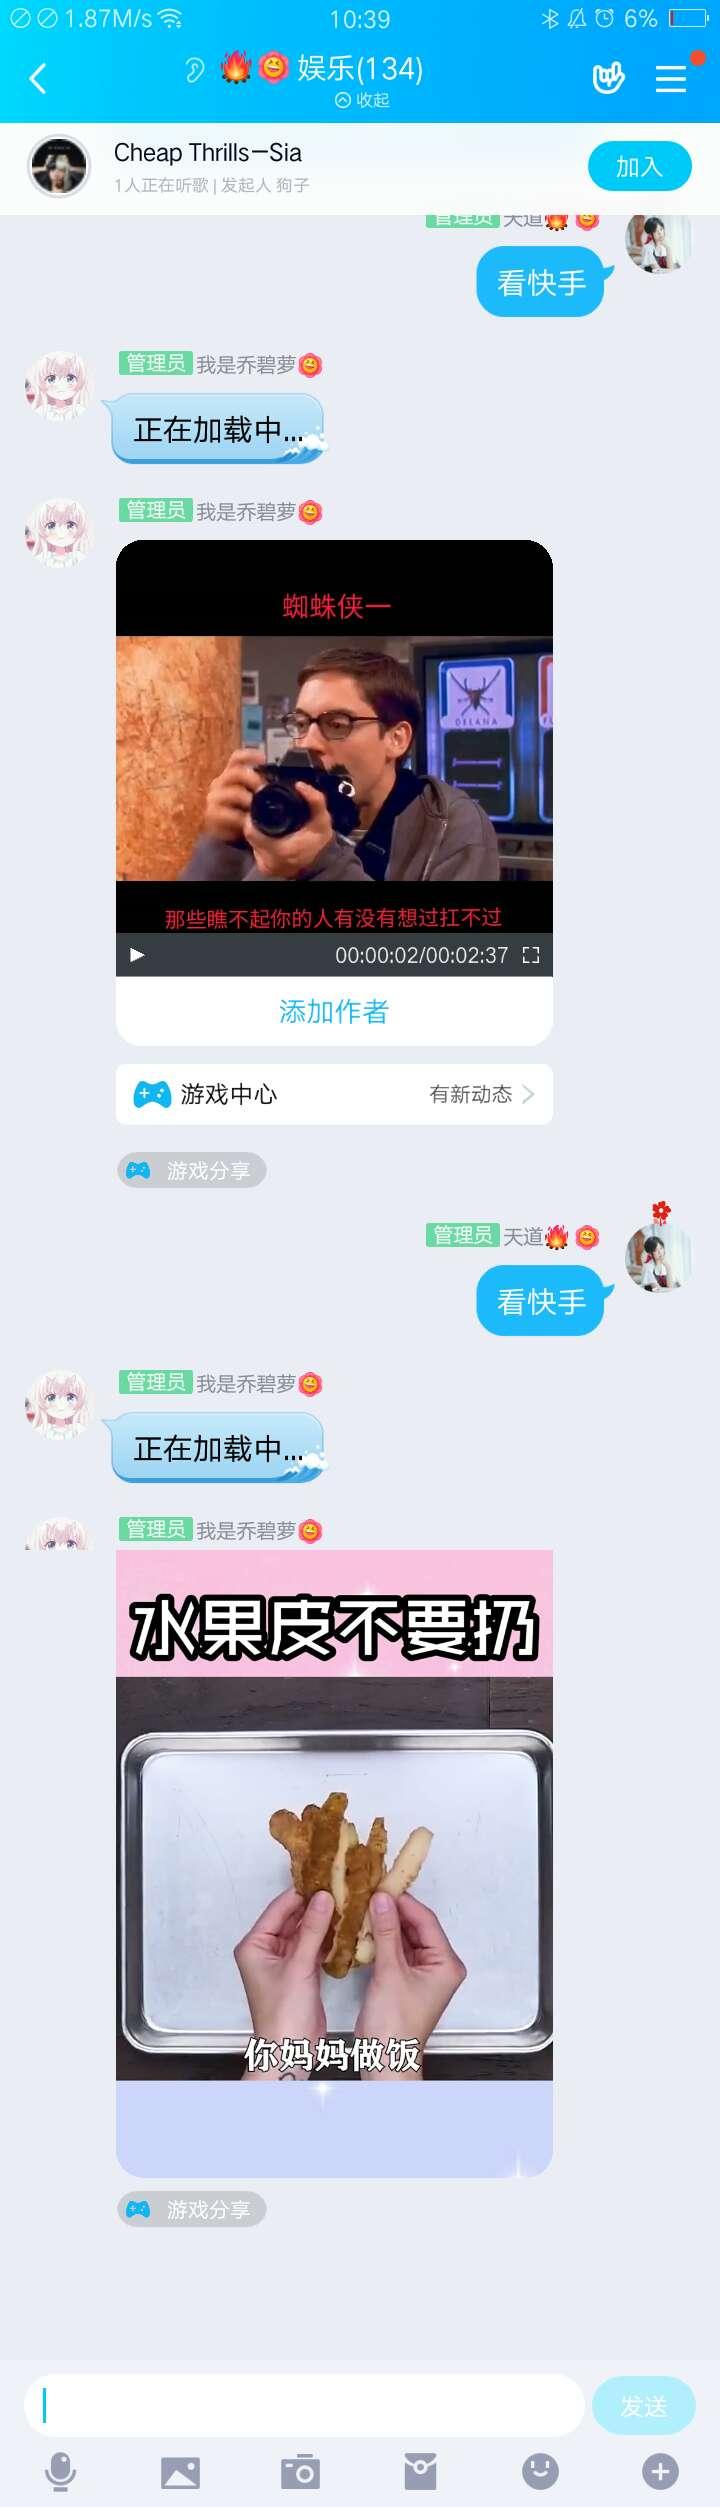 在QQ上刷快手技术教程